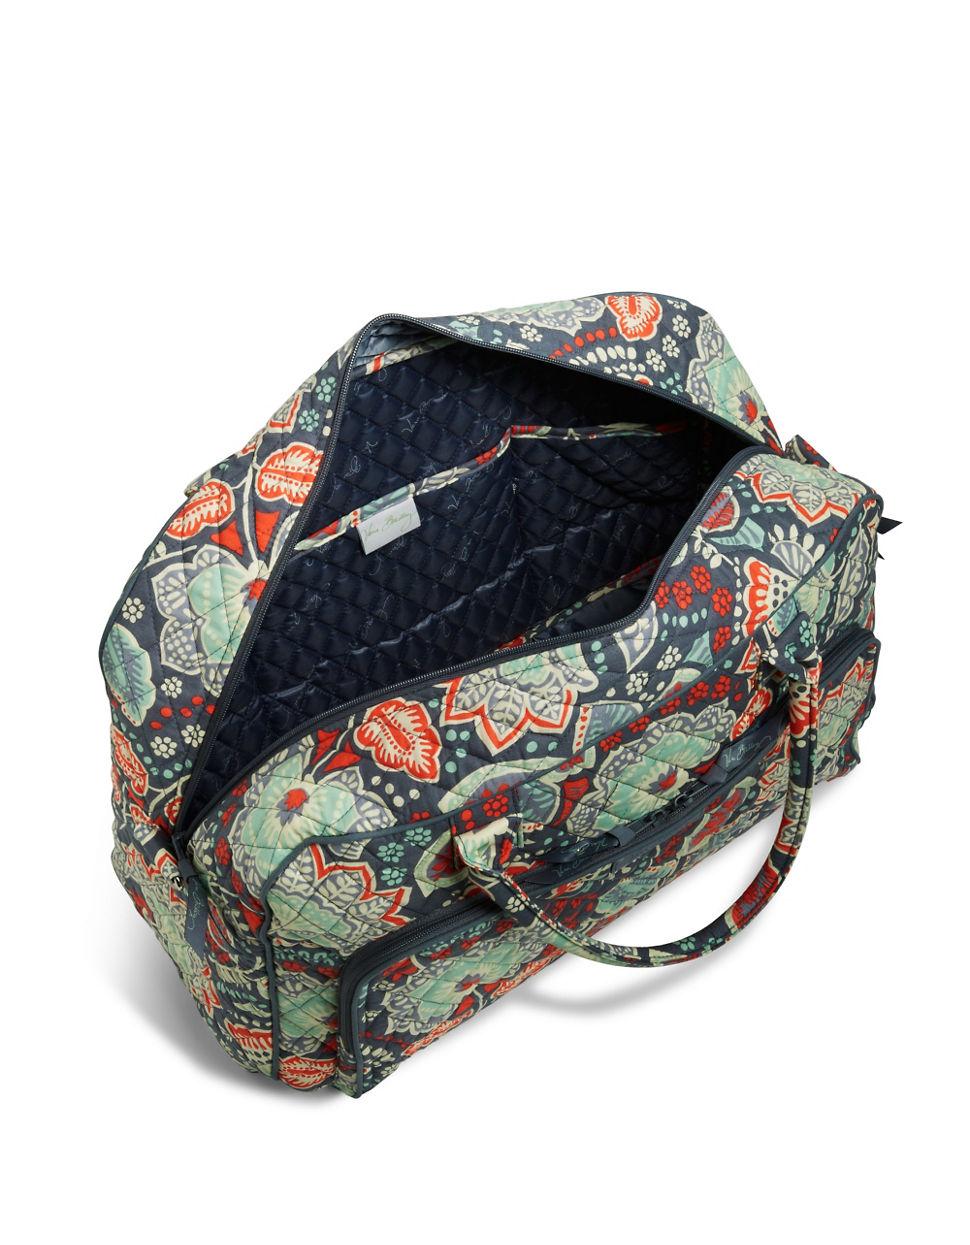 Vera Bradley Patterned Weekender Duffel Bag In Blue | Lyst